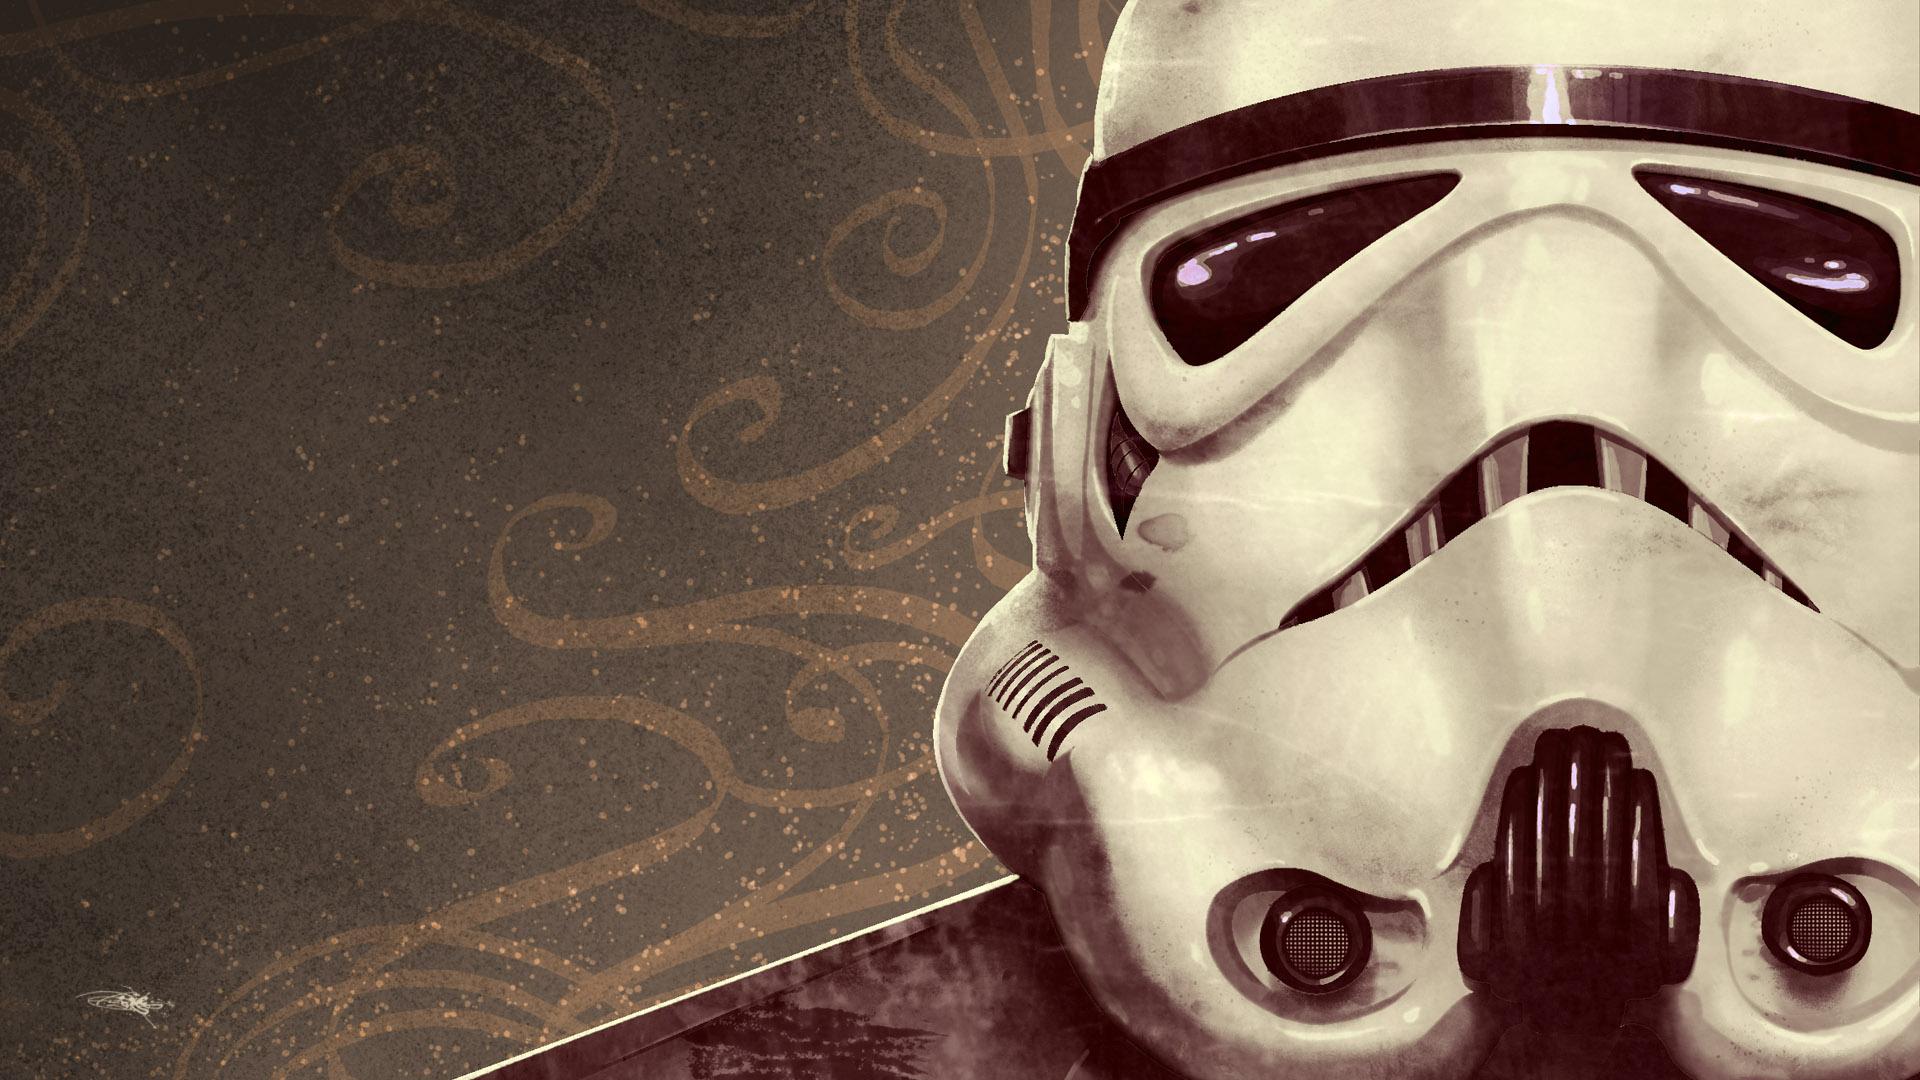 Stormtrooper Wallpaper HD Desktop Wallpapers 1920x1080